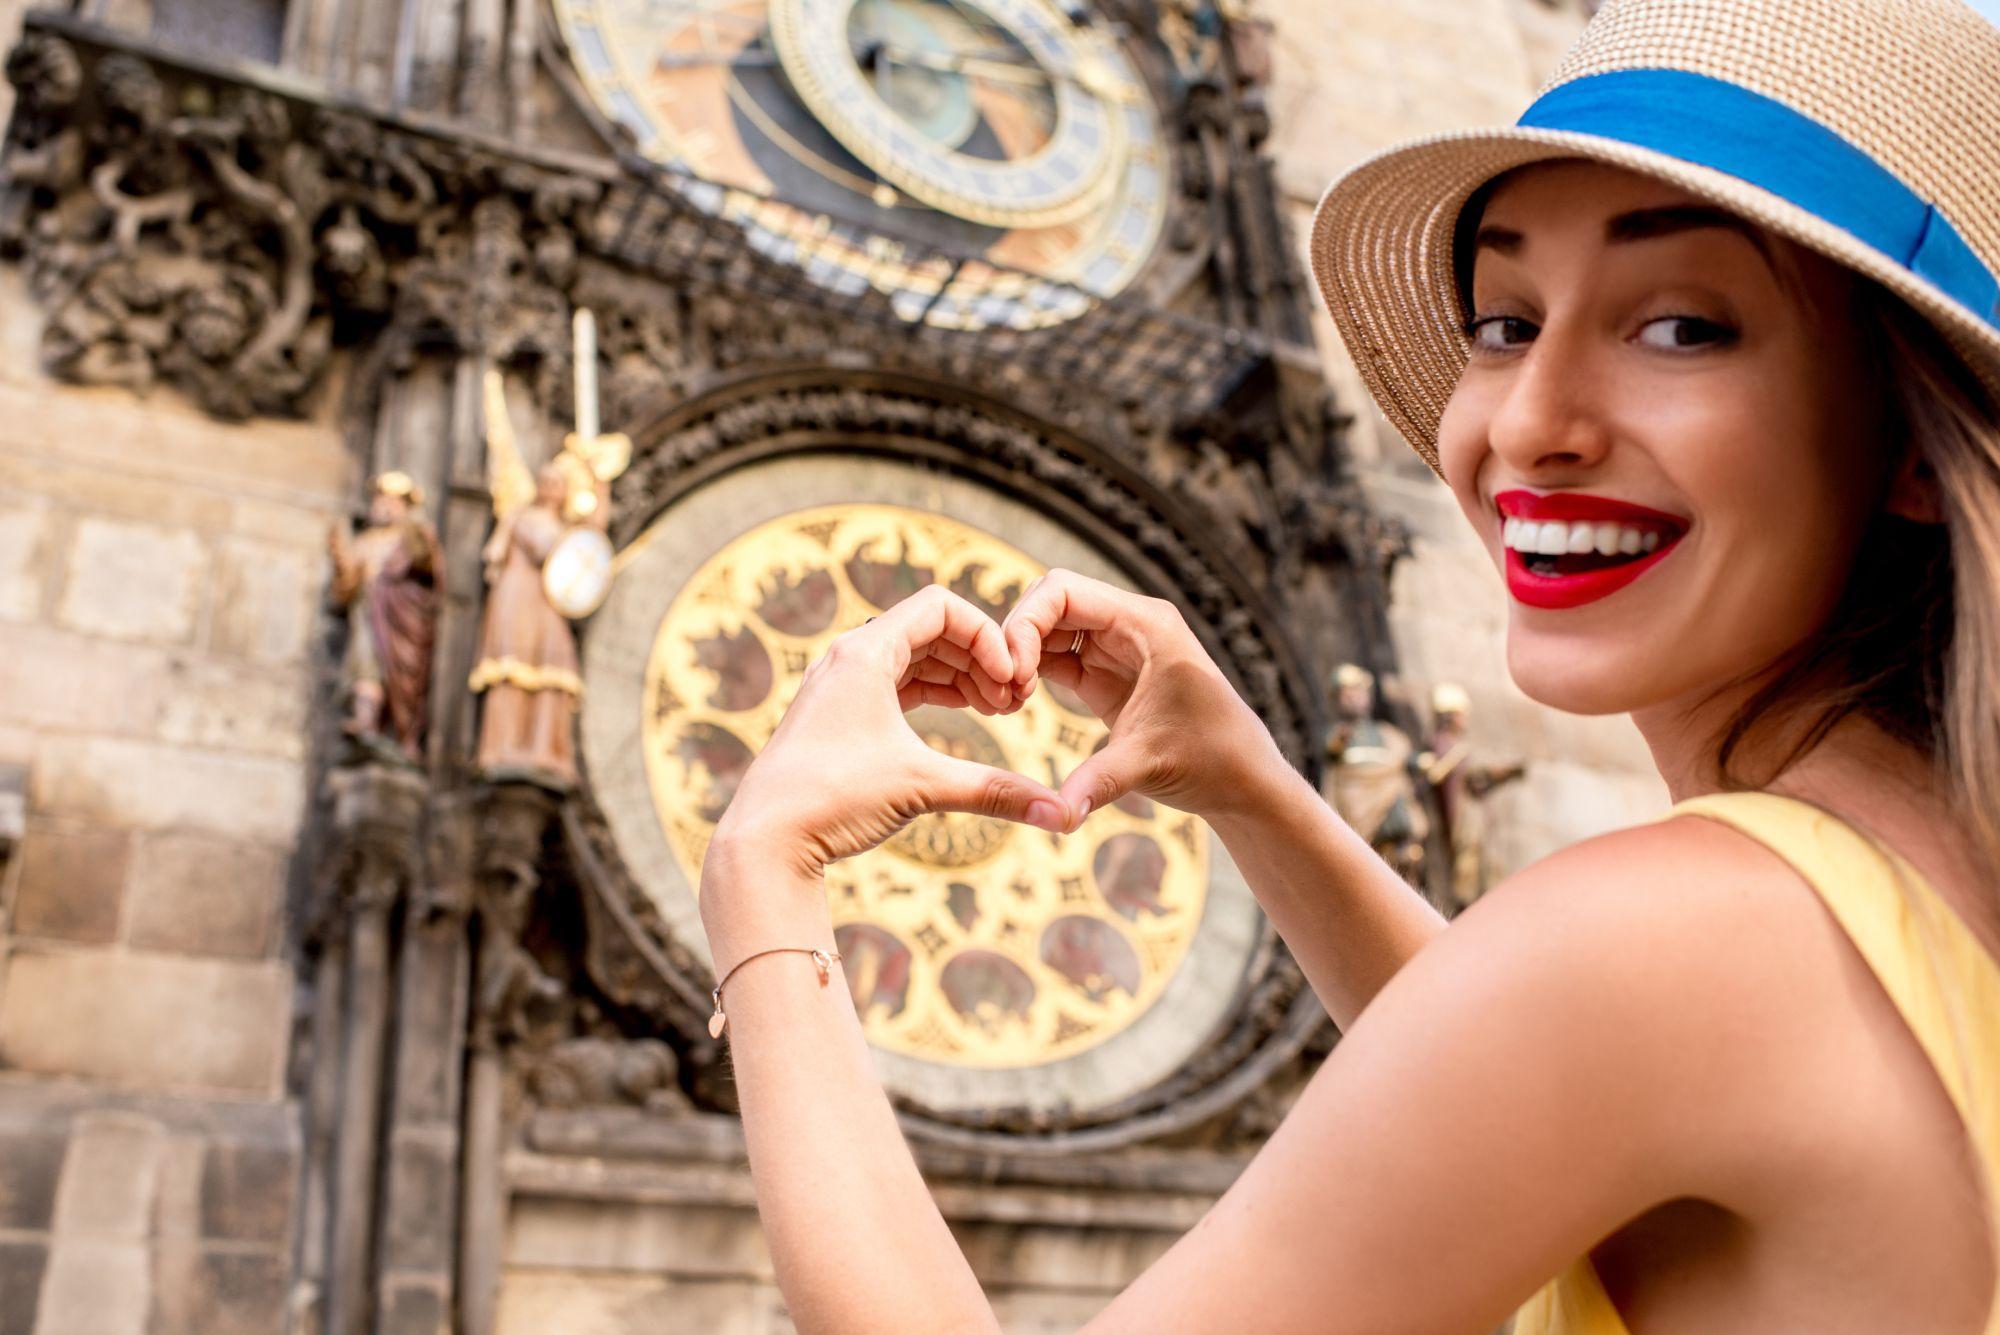 O tânără face forma inimii din degete în dreptul ceasului astrologic din Praga